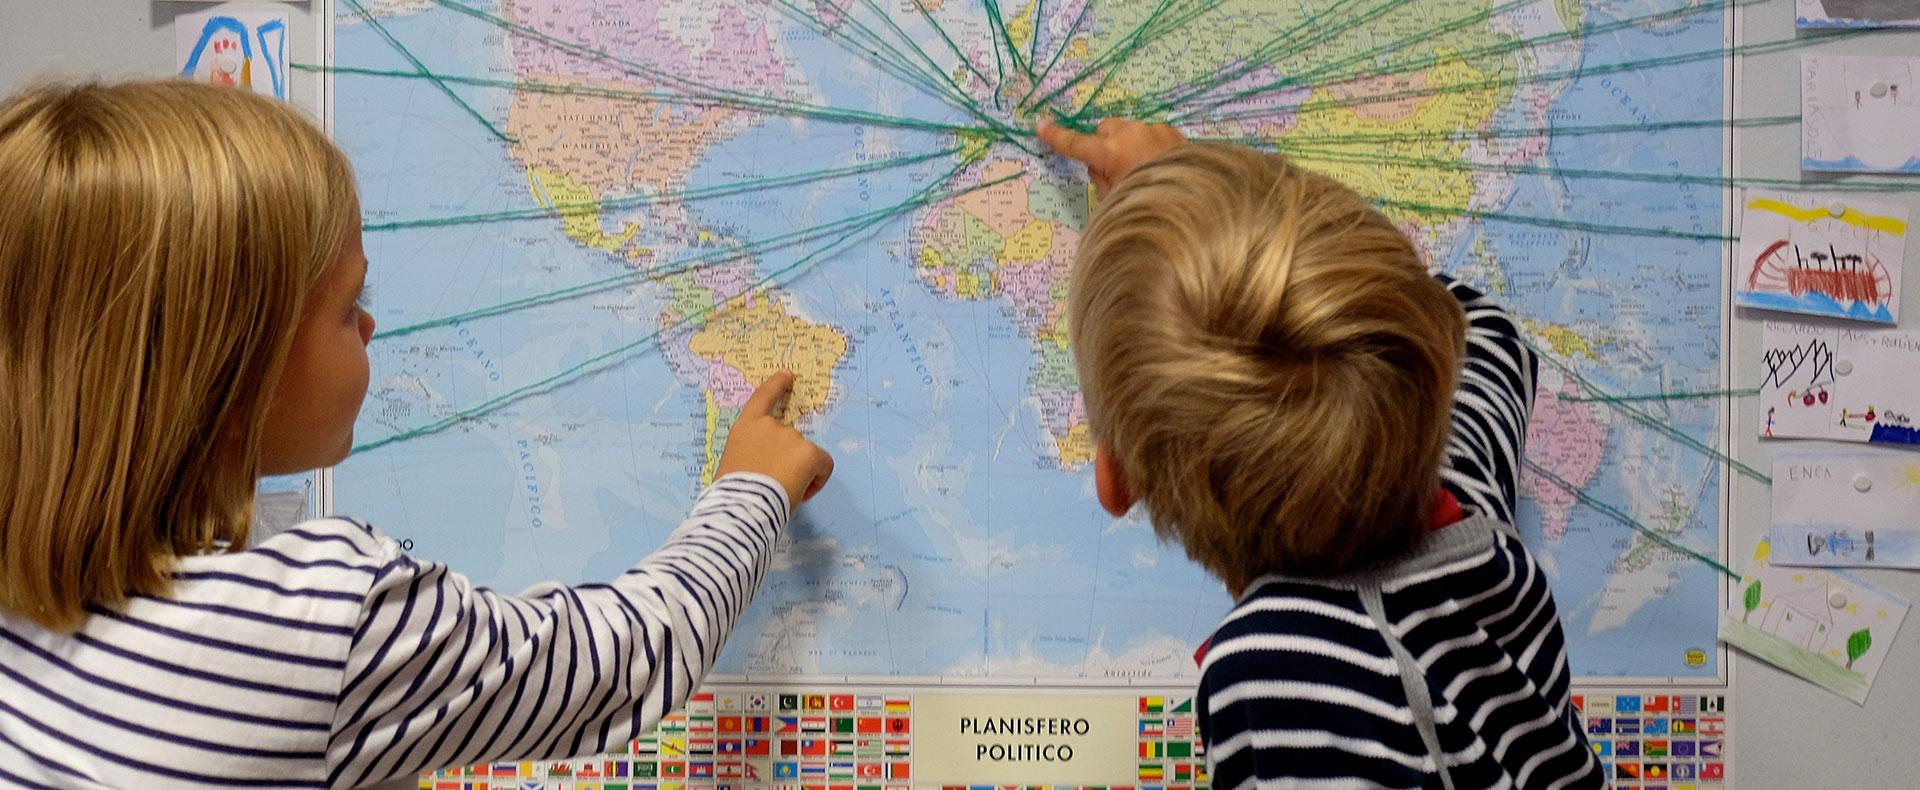 Studenti della scuola primaria bilingue indicano su un planisfero